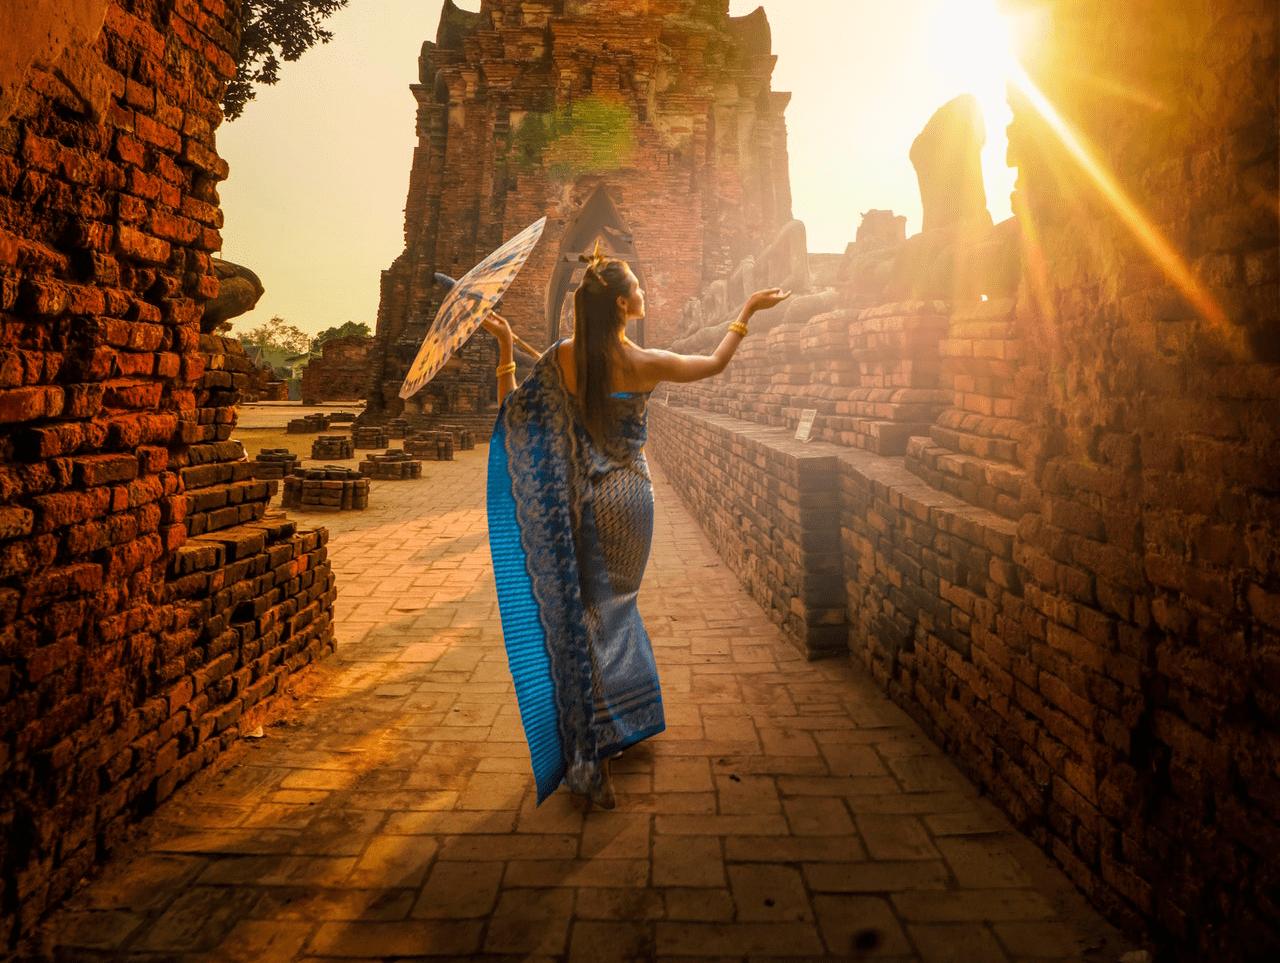 תמונת אישה המובילה למקום קדוש